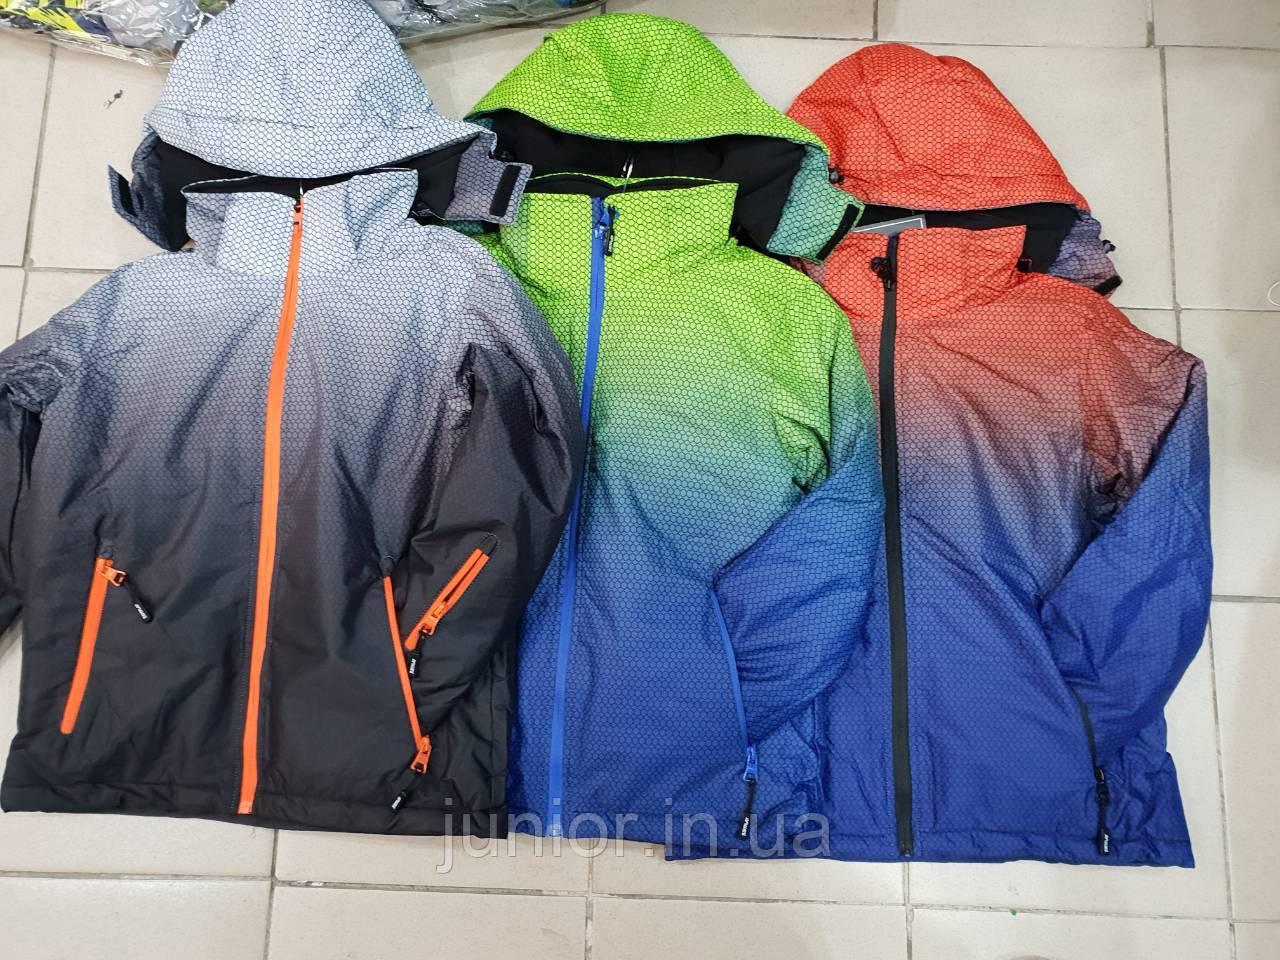 f8798738b648 Термокуртка лыжная подростковая оптом (128 134-164 170р)  продажа ...